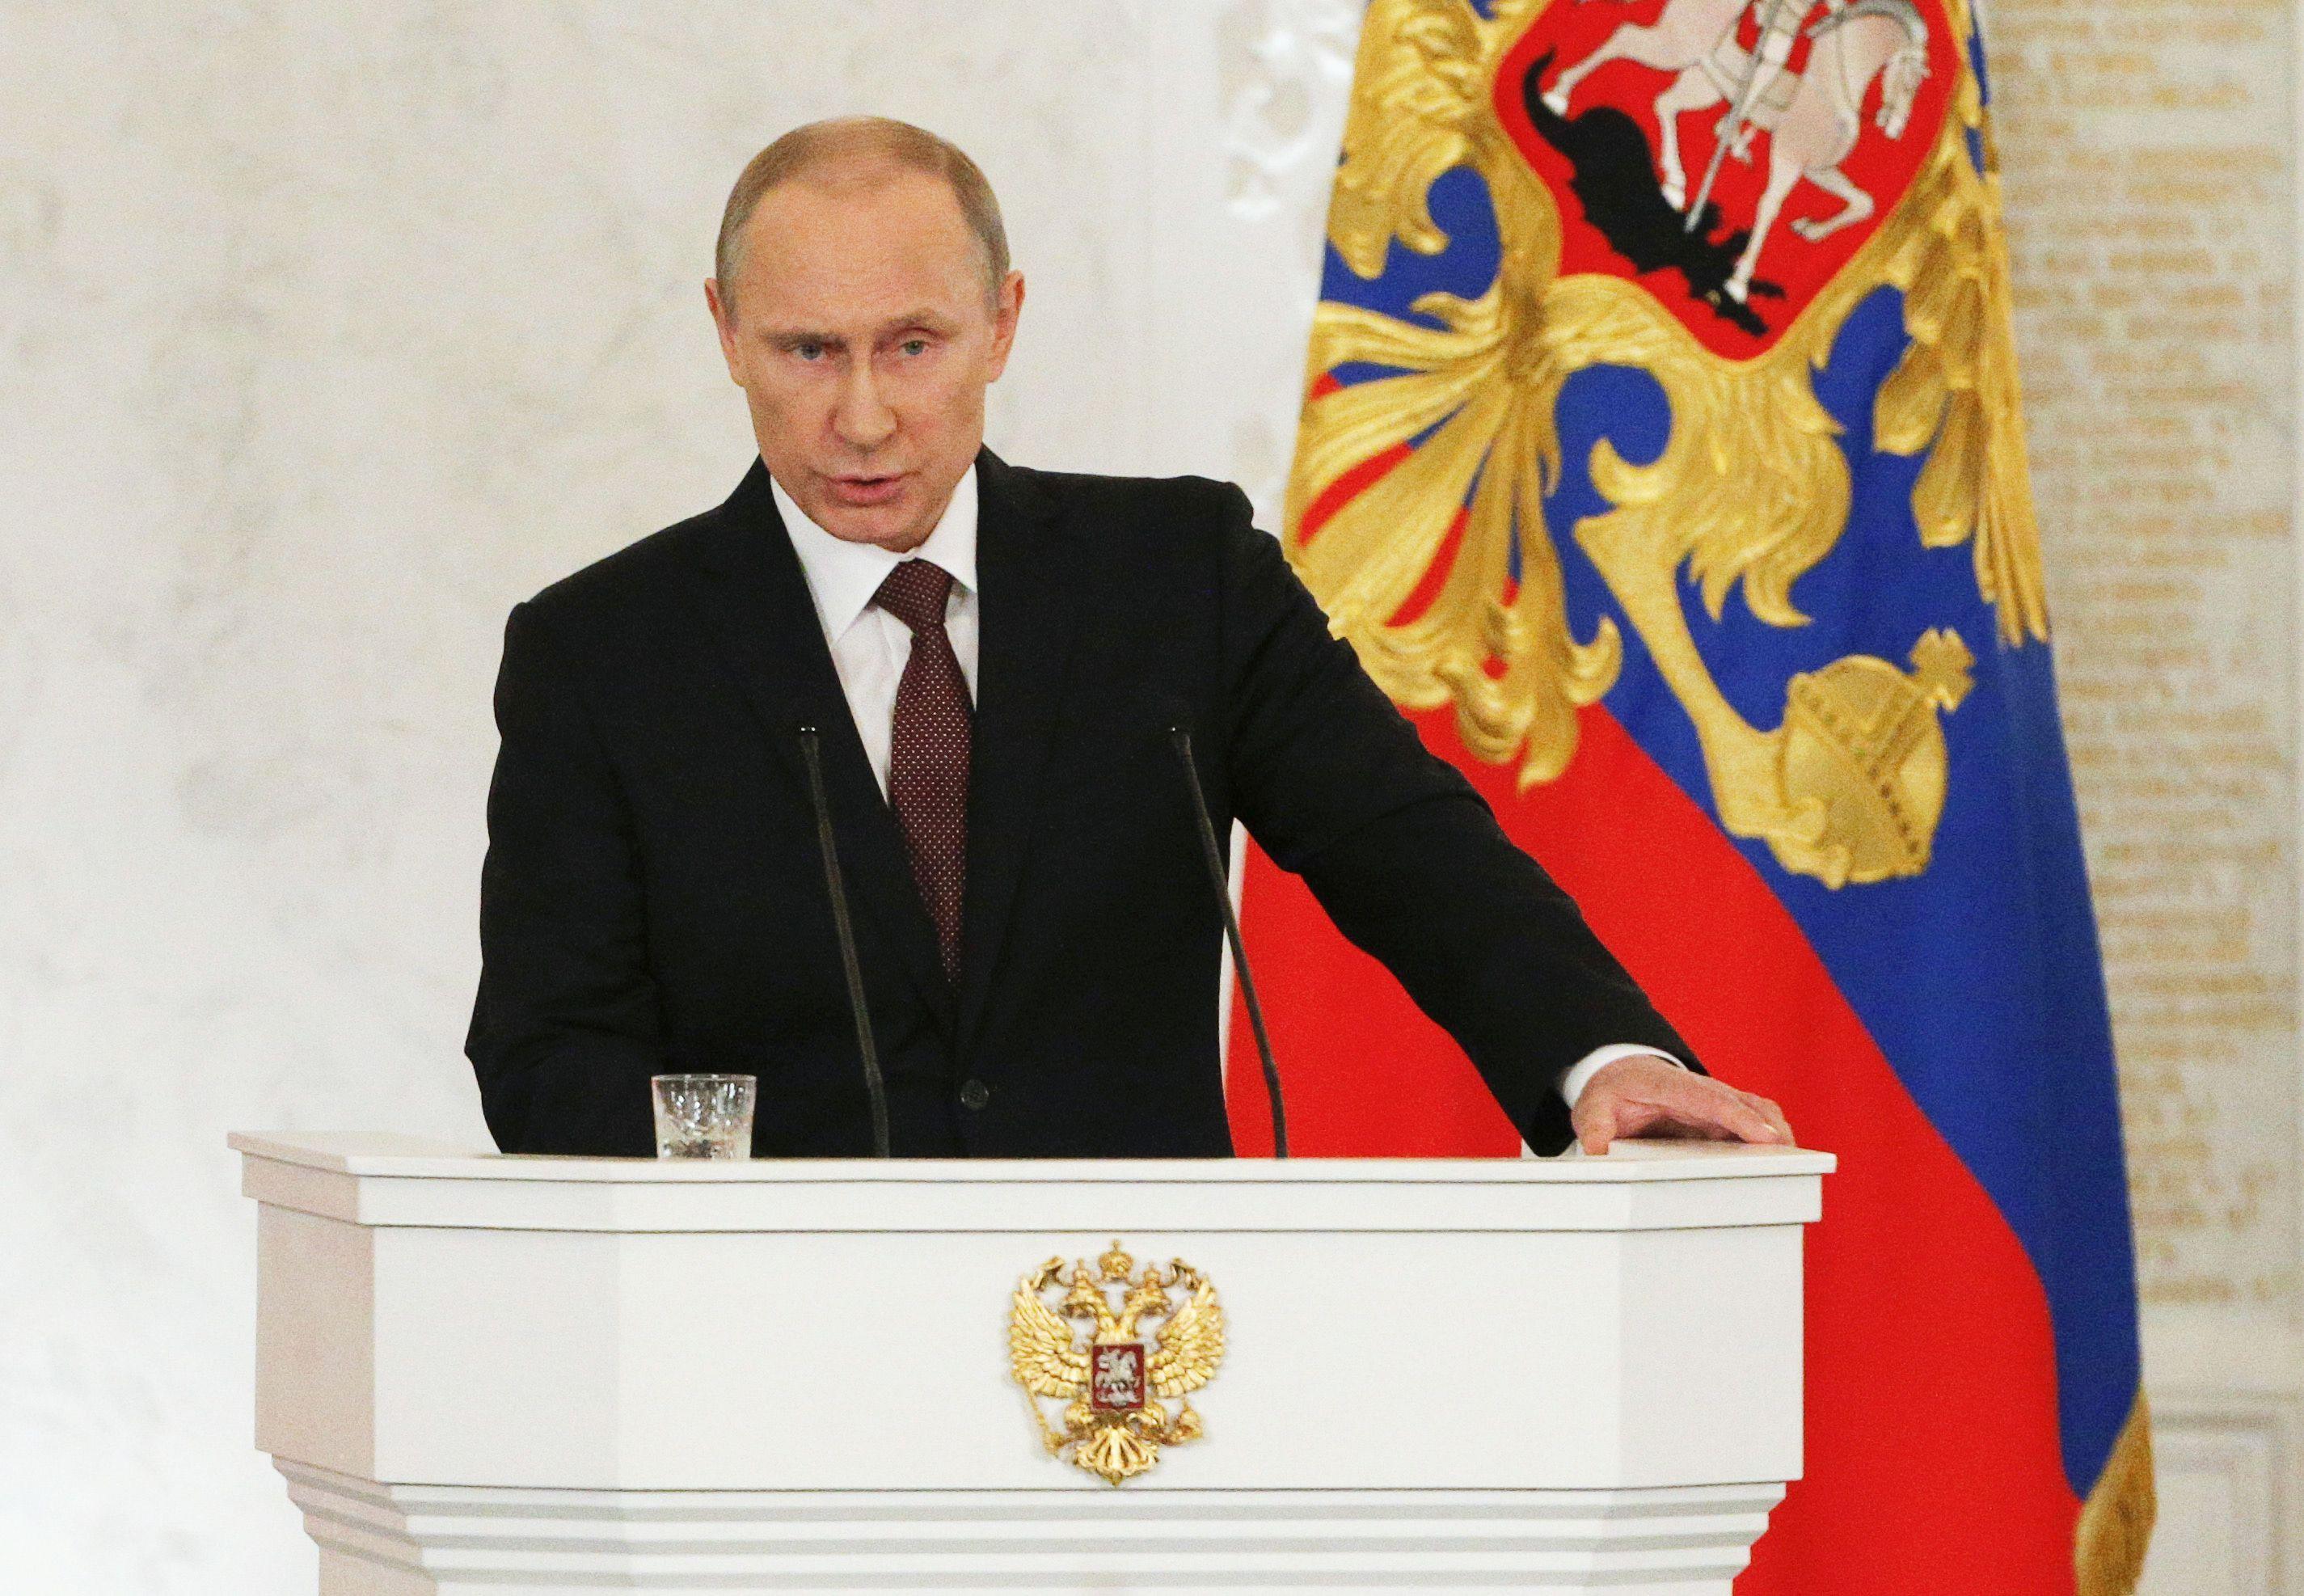 На Западе думают, как действенно повлиять на Путина